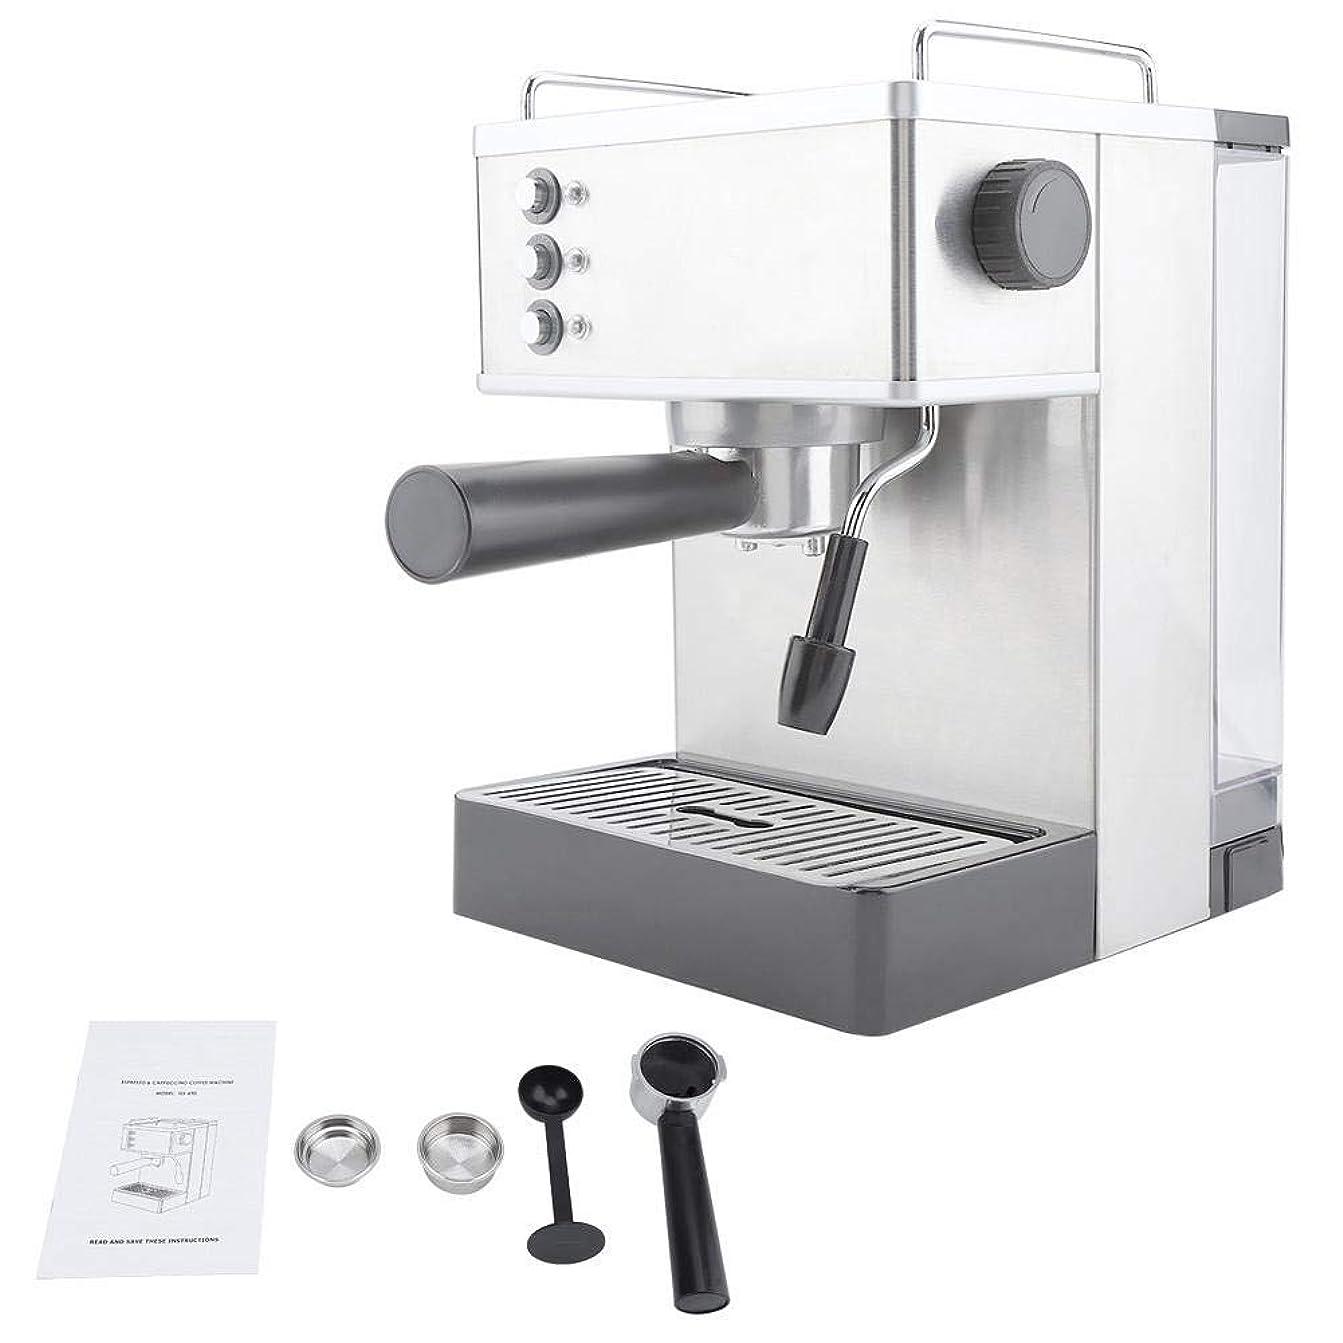 市民権過去豪華なコーヒーマシン、ステンレススチールエスプレッソコーヒーマシンコーヒーメーカー高圧イタリアポンプ(US Plug)